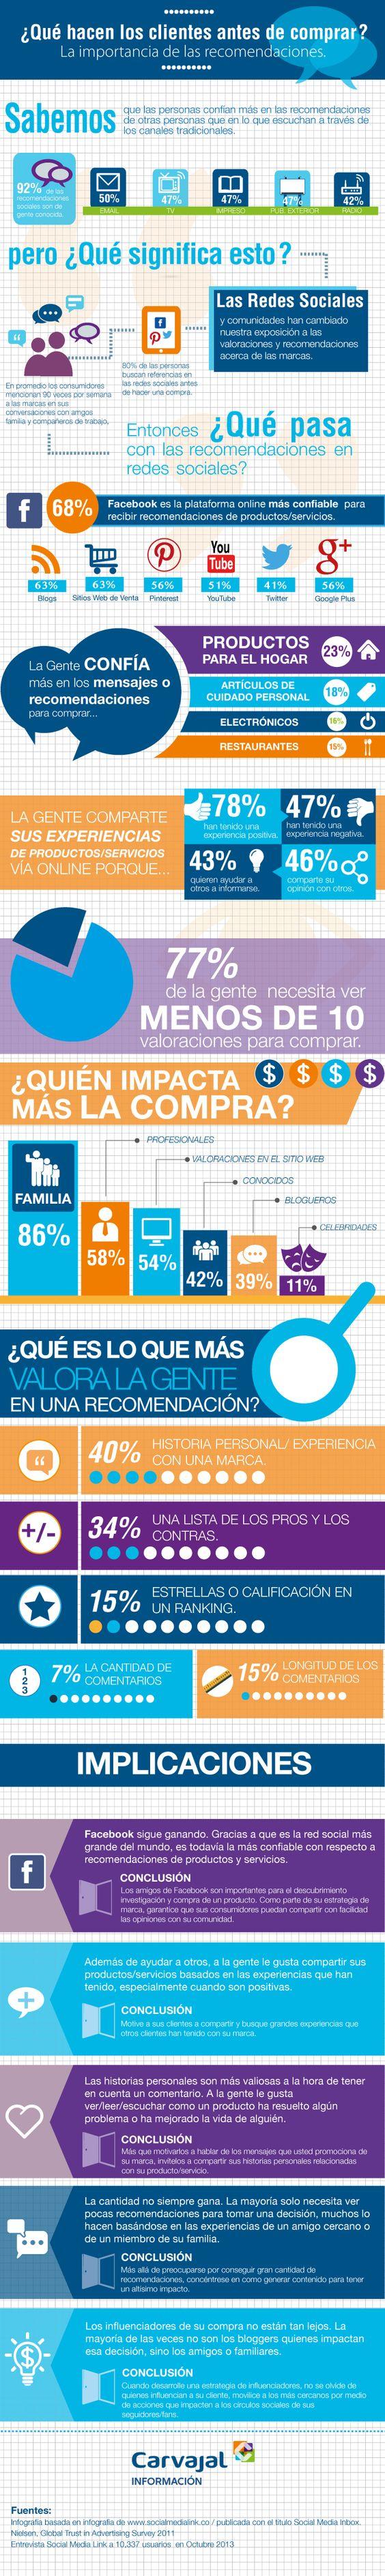 La importancia de la recomendación en redes sociales y su influencia en la compra